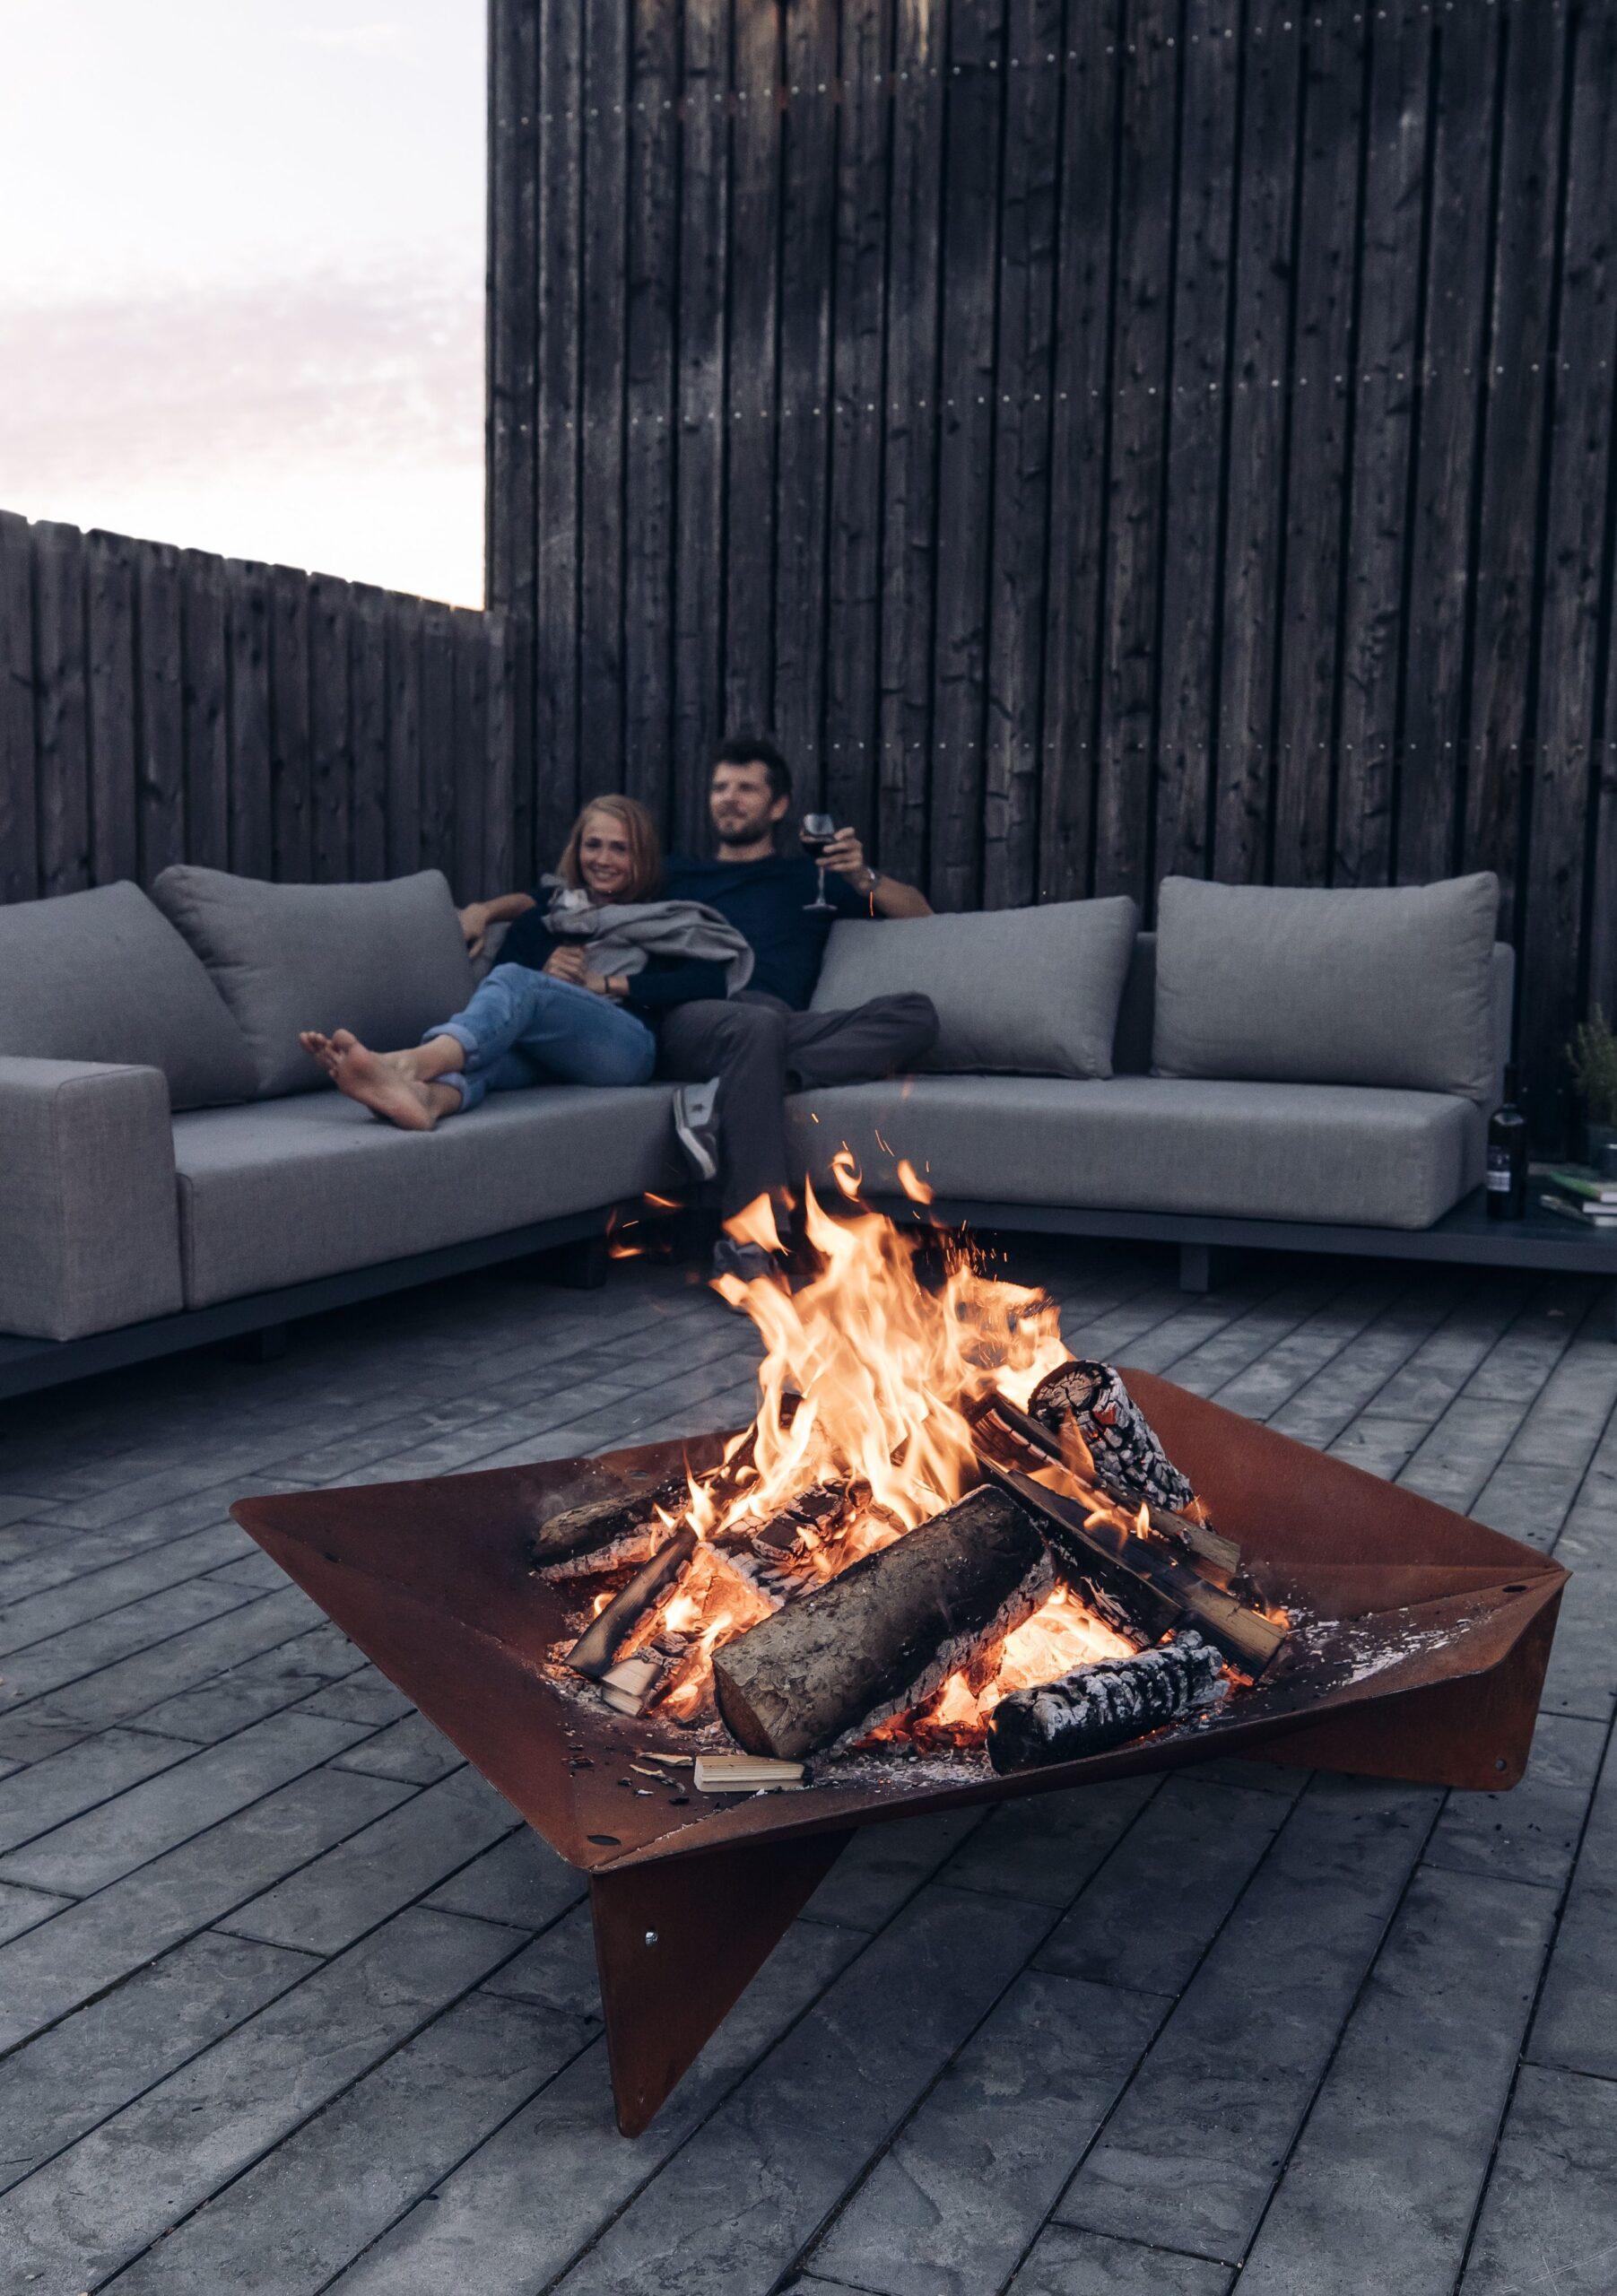 Full Size of Garten Lounge Möbel Loungemöbel Sessel Sofa Set Holz Günstig Wohnzimmer Terrassen Lounge